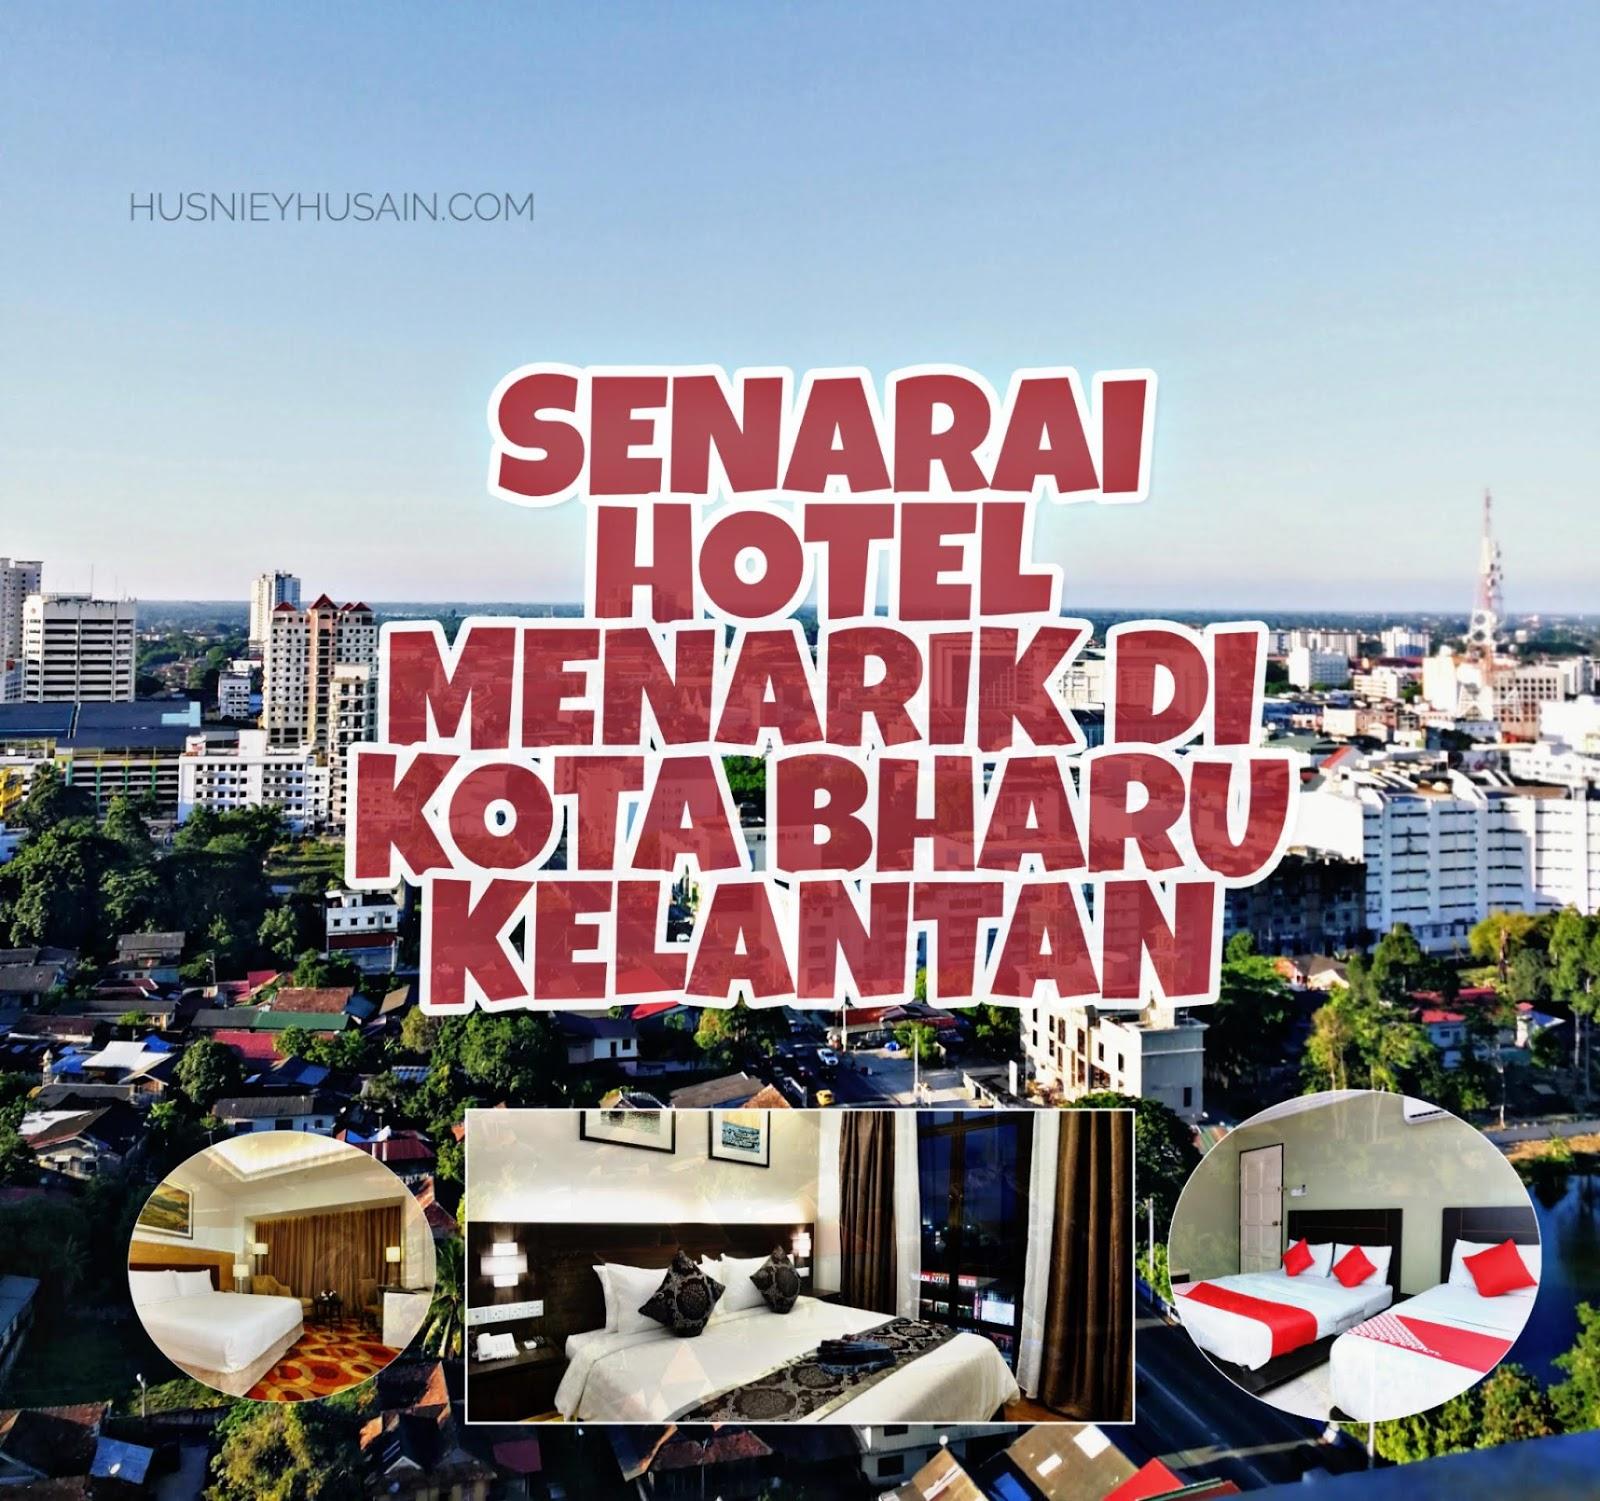 Bakal Bercuti Di Kelantan Nah Pilihan Hotel Di Kota Bharu Yang Menarik Untuk Percutian Anda Husniey Husain